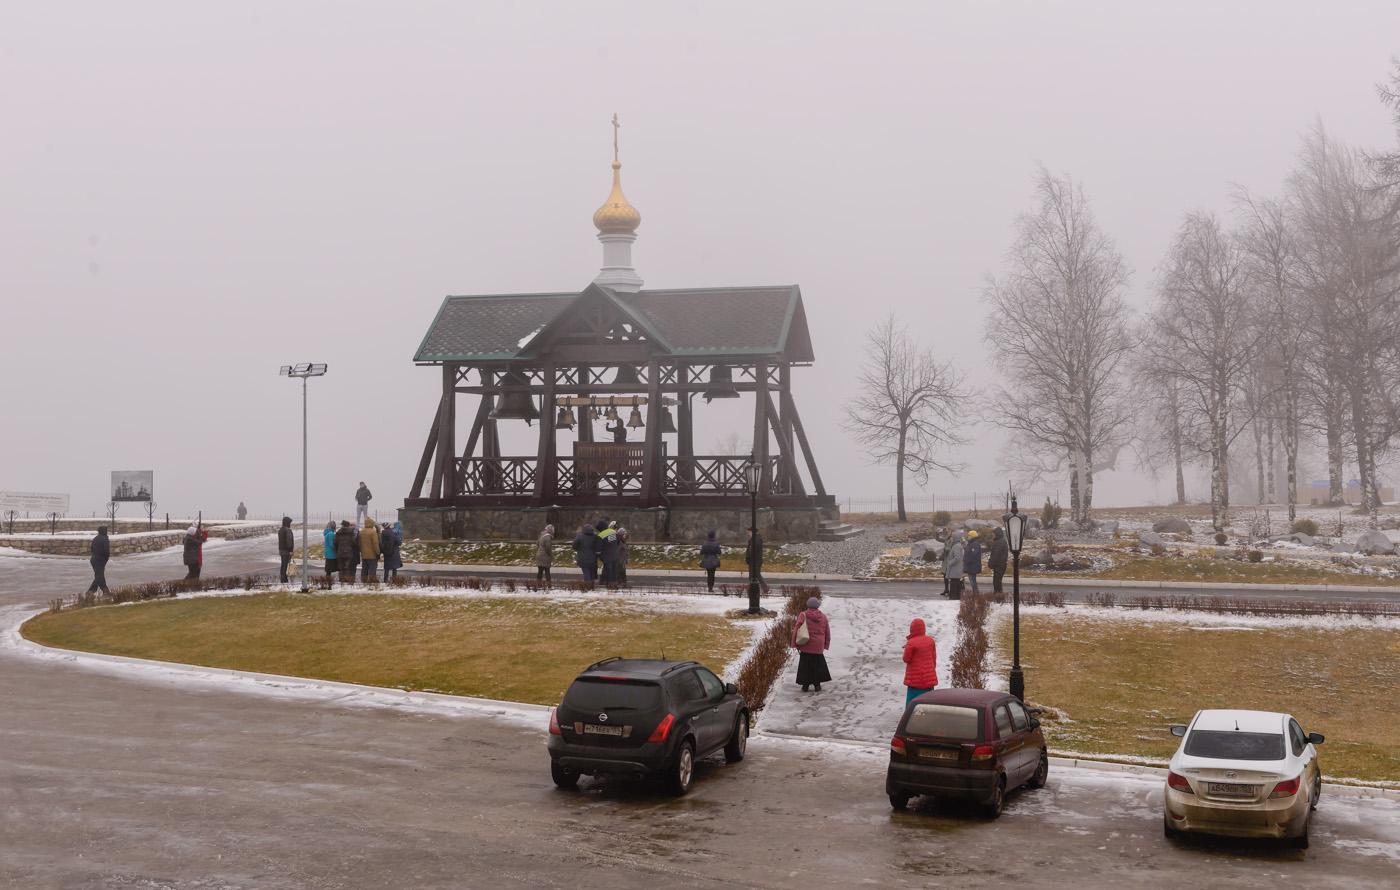 Фото 26. Звонарь на звоннице в Белогорском монастыре. Отзыв об экскурсии. 1/100, 9.0, 400, 45.